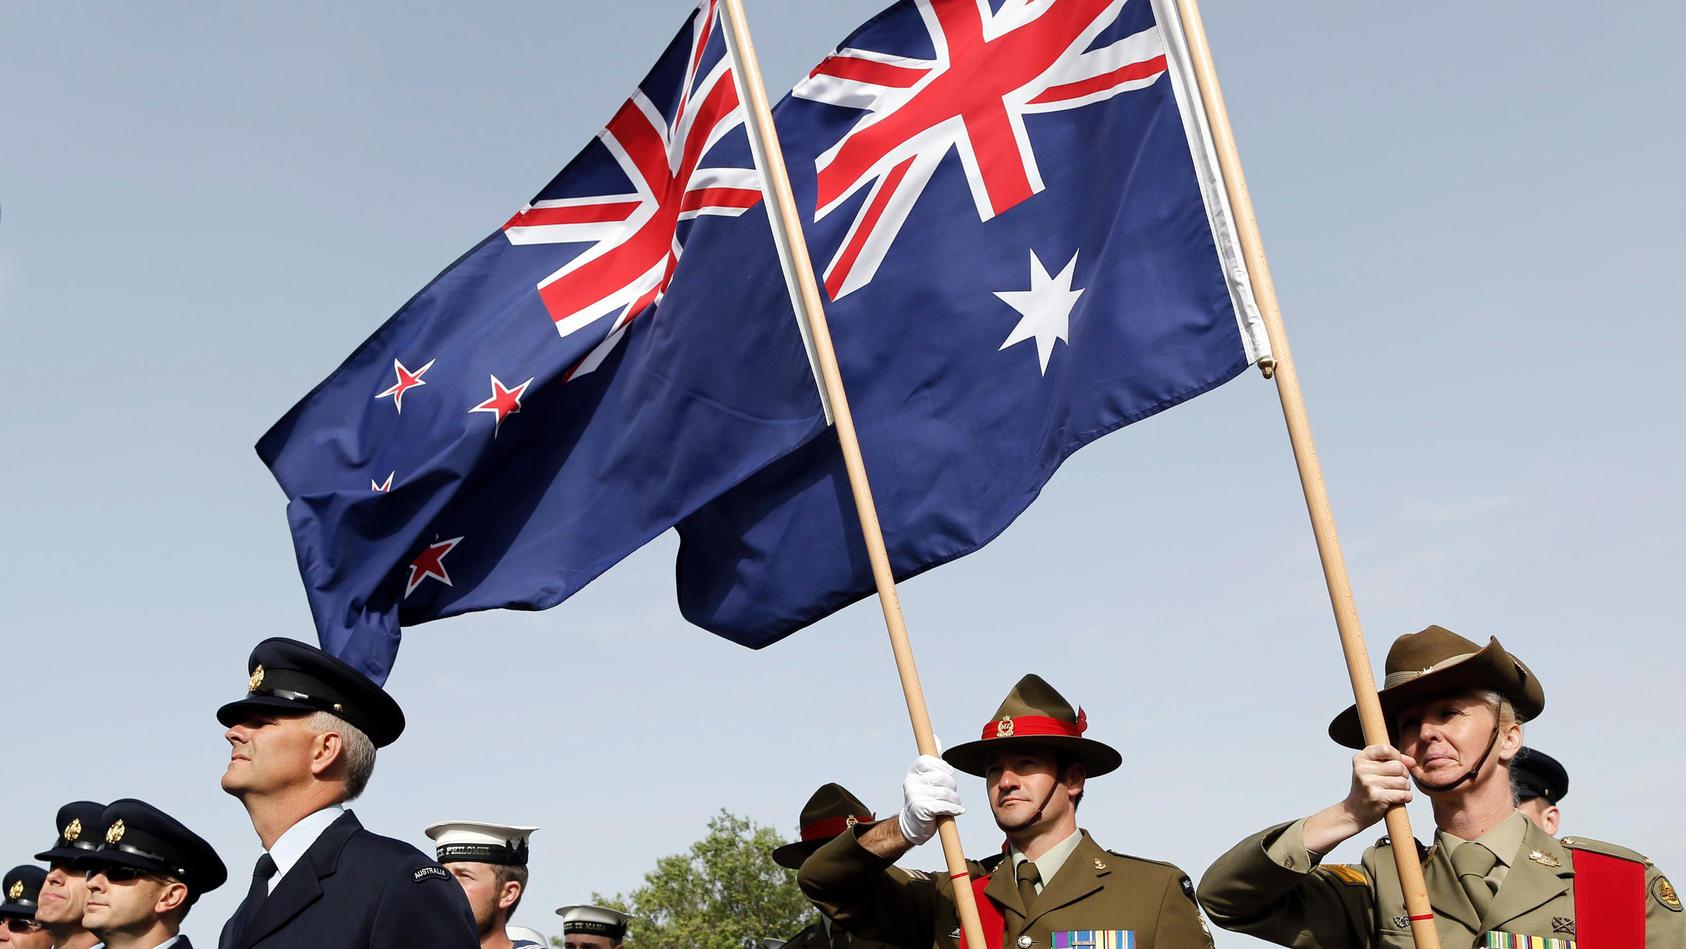 Neuseeländische und australische Flaggen